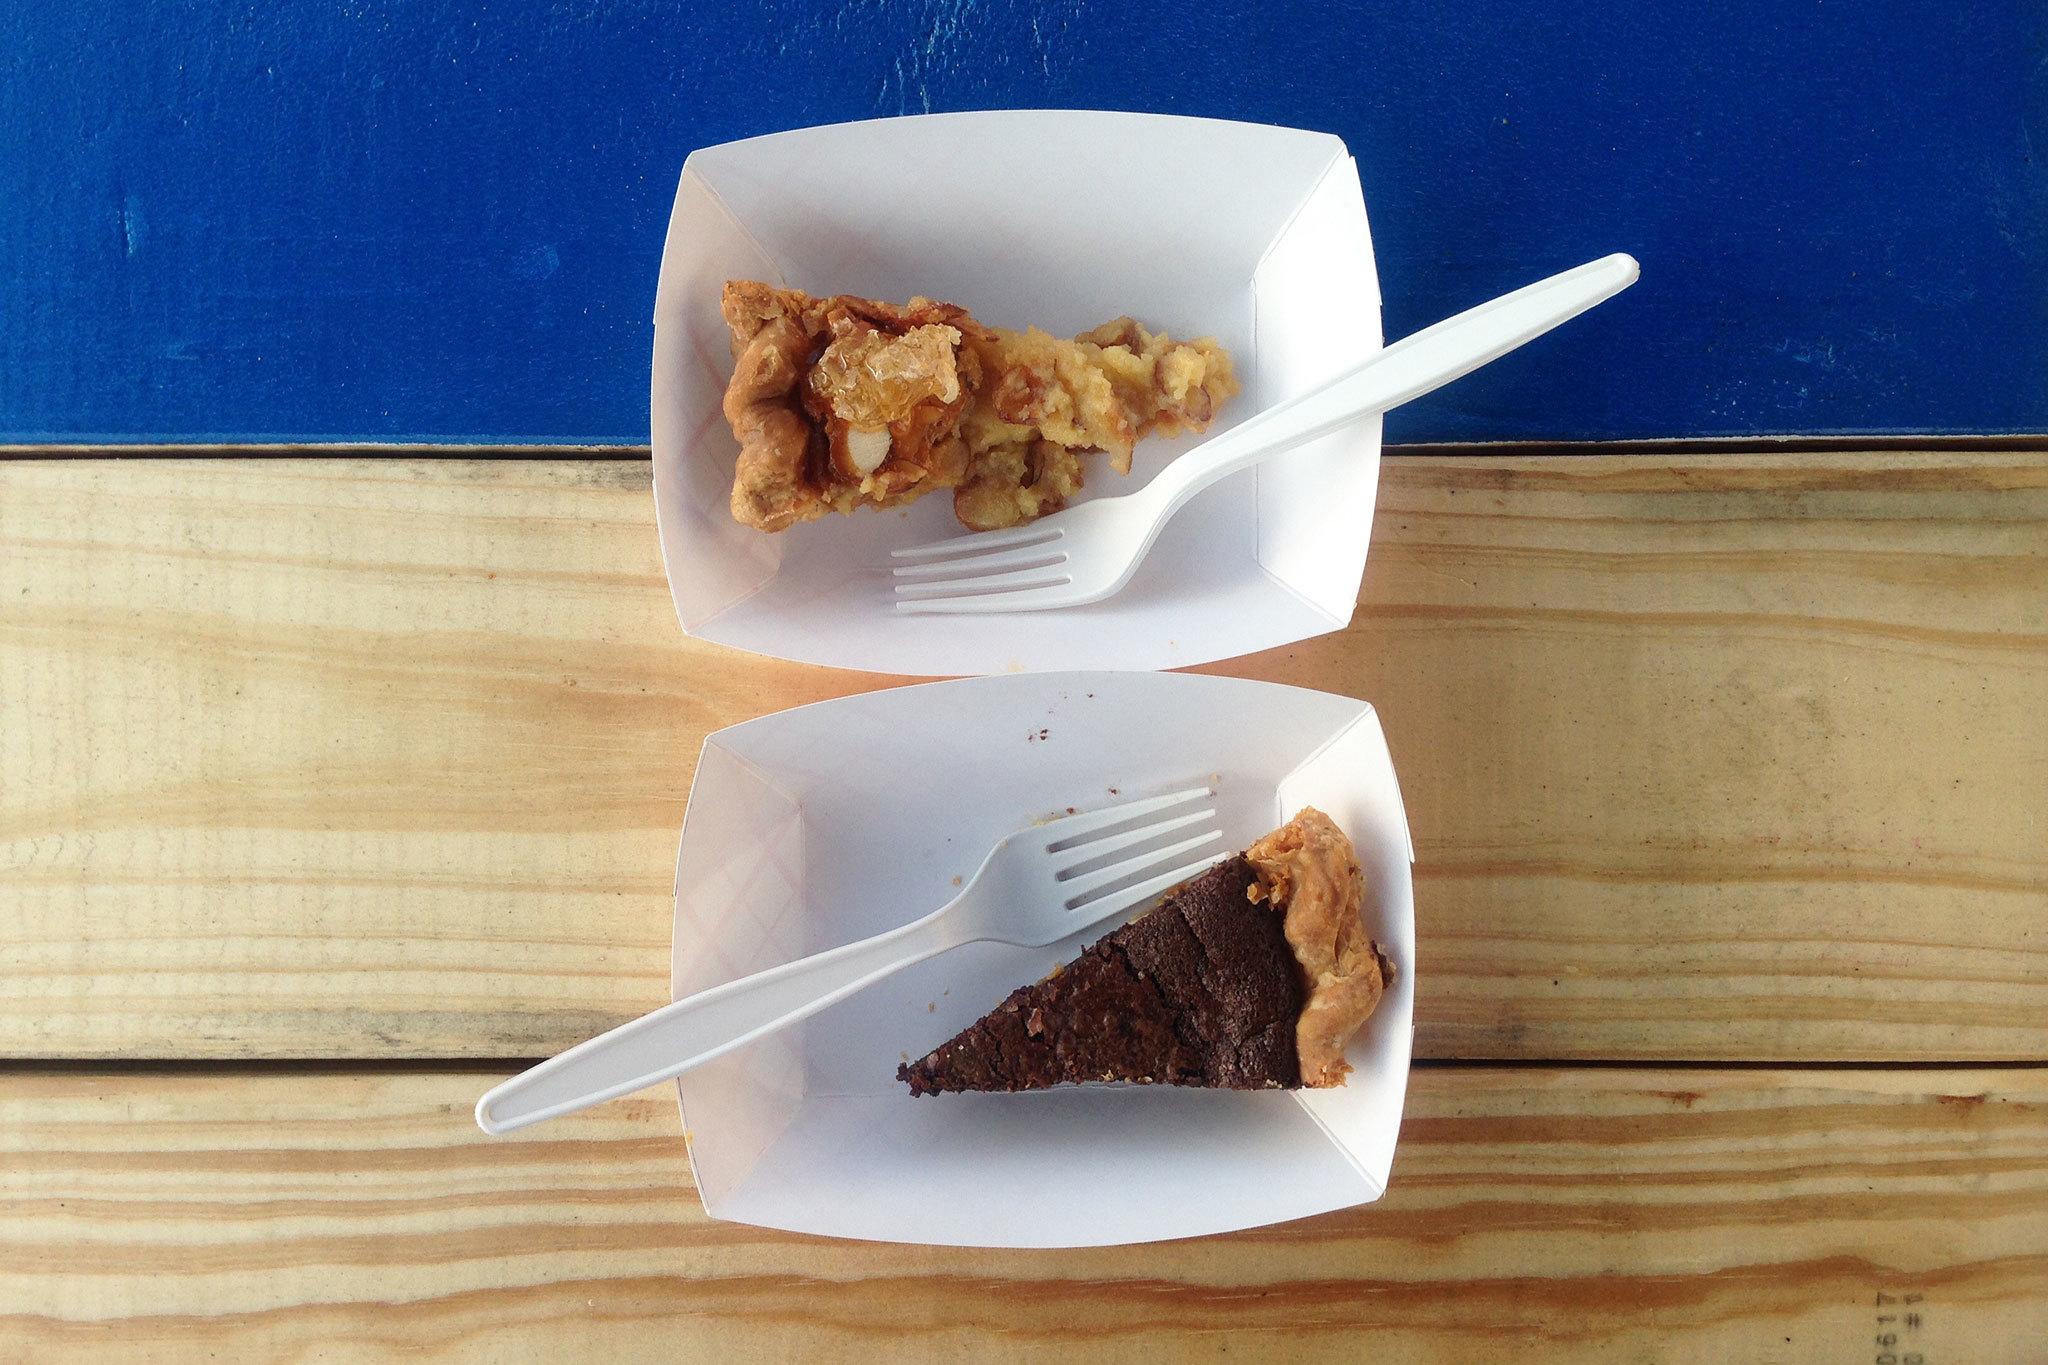 Rucker's Pie at Smorgasburg